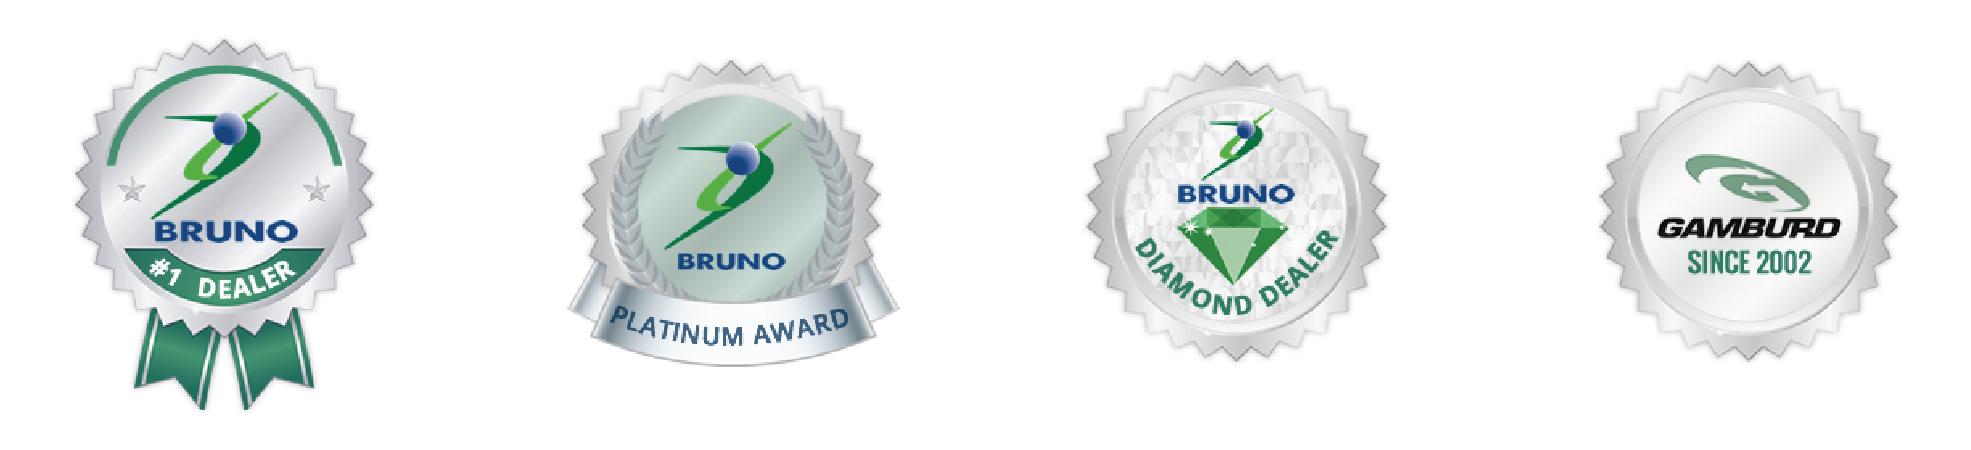 Badges-05.jpg